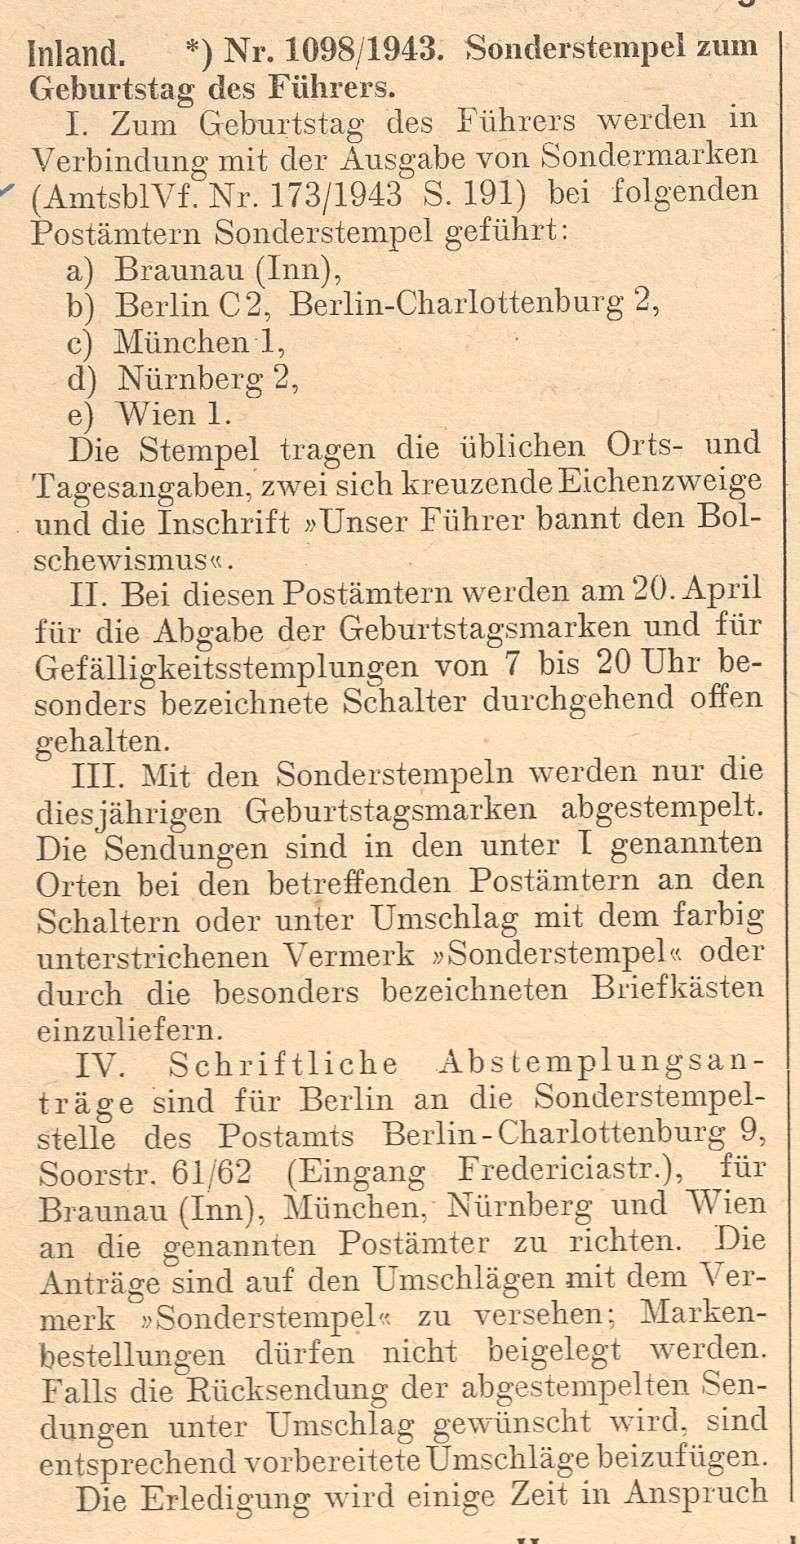 Deutsche Reichspost 1943 - Seite 4 Scanne14